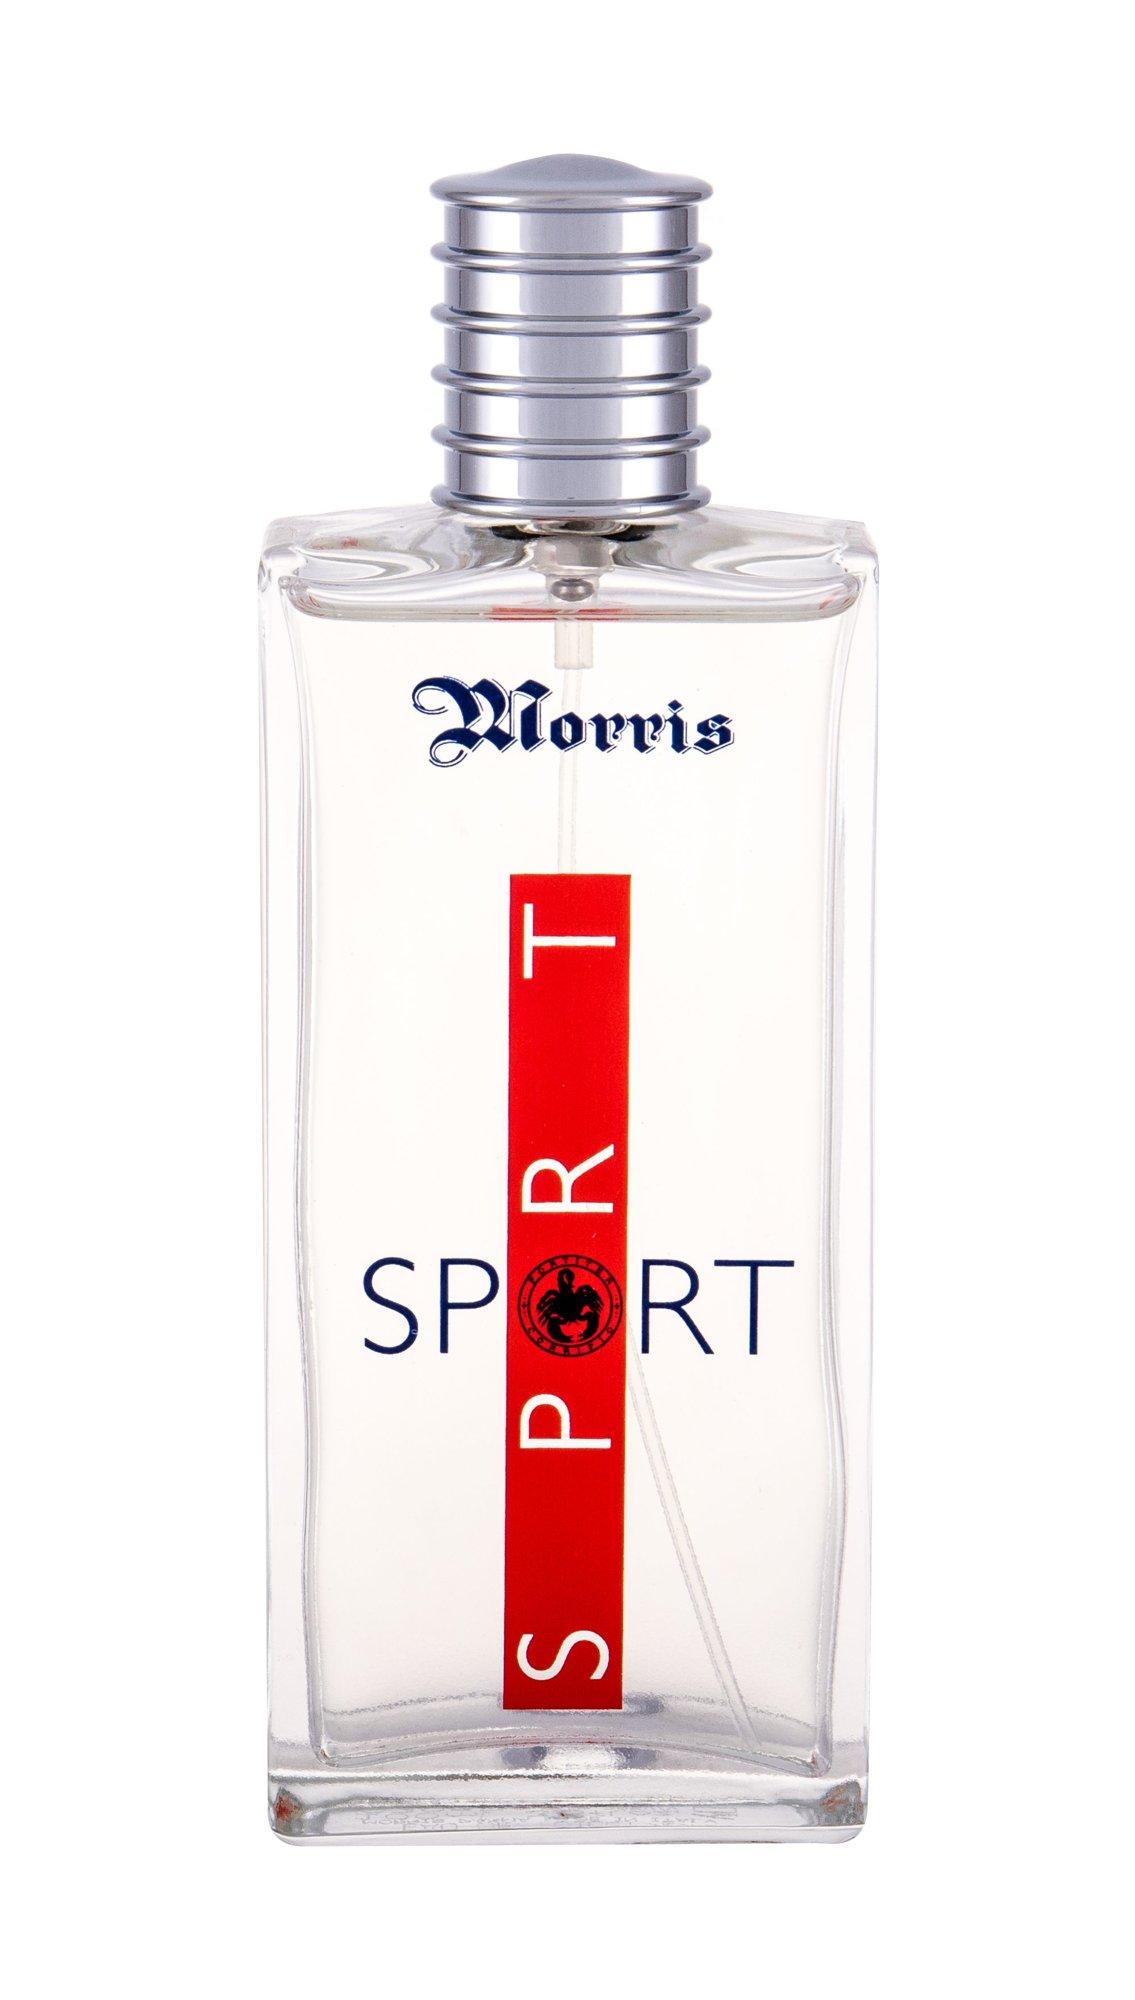 Morris Sport Eau de Toilette 100ml